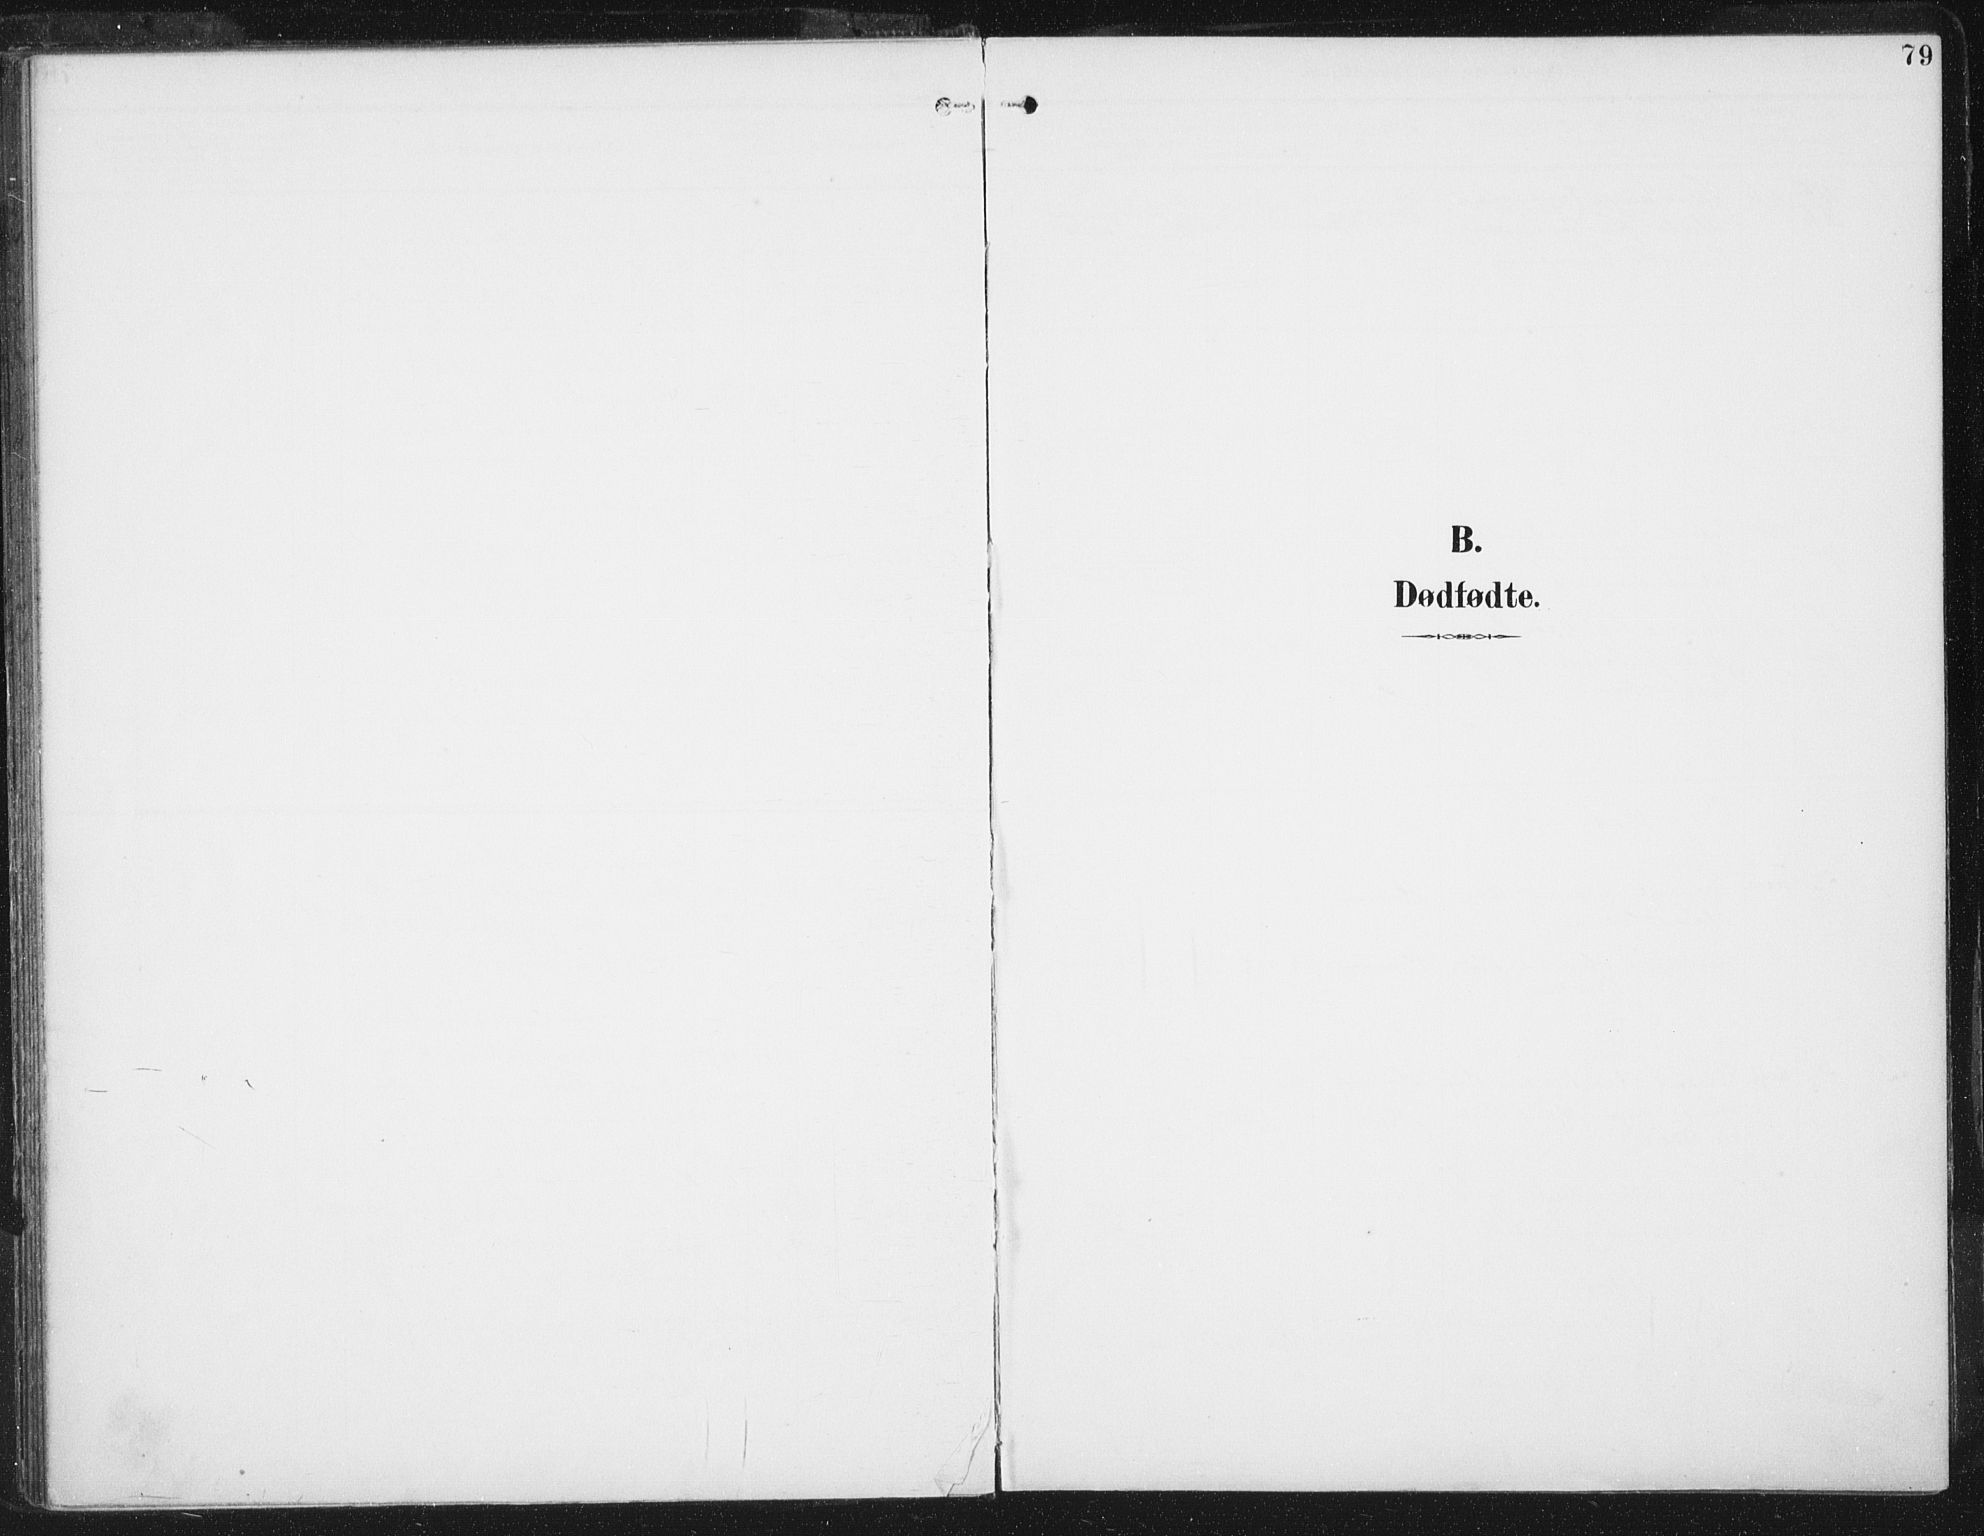 SAT, Ministerialprotokoller, klokkerbøker og fødselsregistre - Sør-Trøndelag, 674/L0872: Ministerialbok nr. 674A04, 1897-1907, s. 79